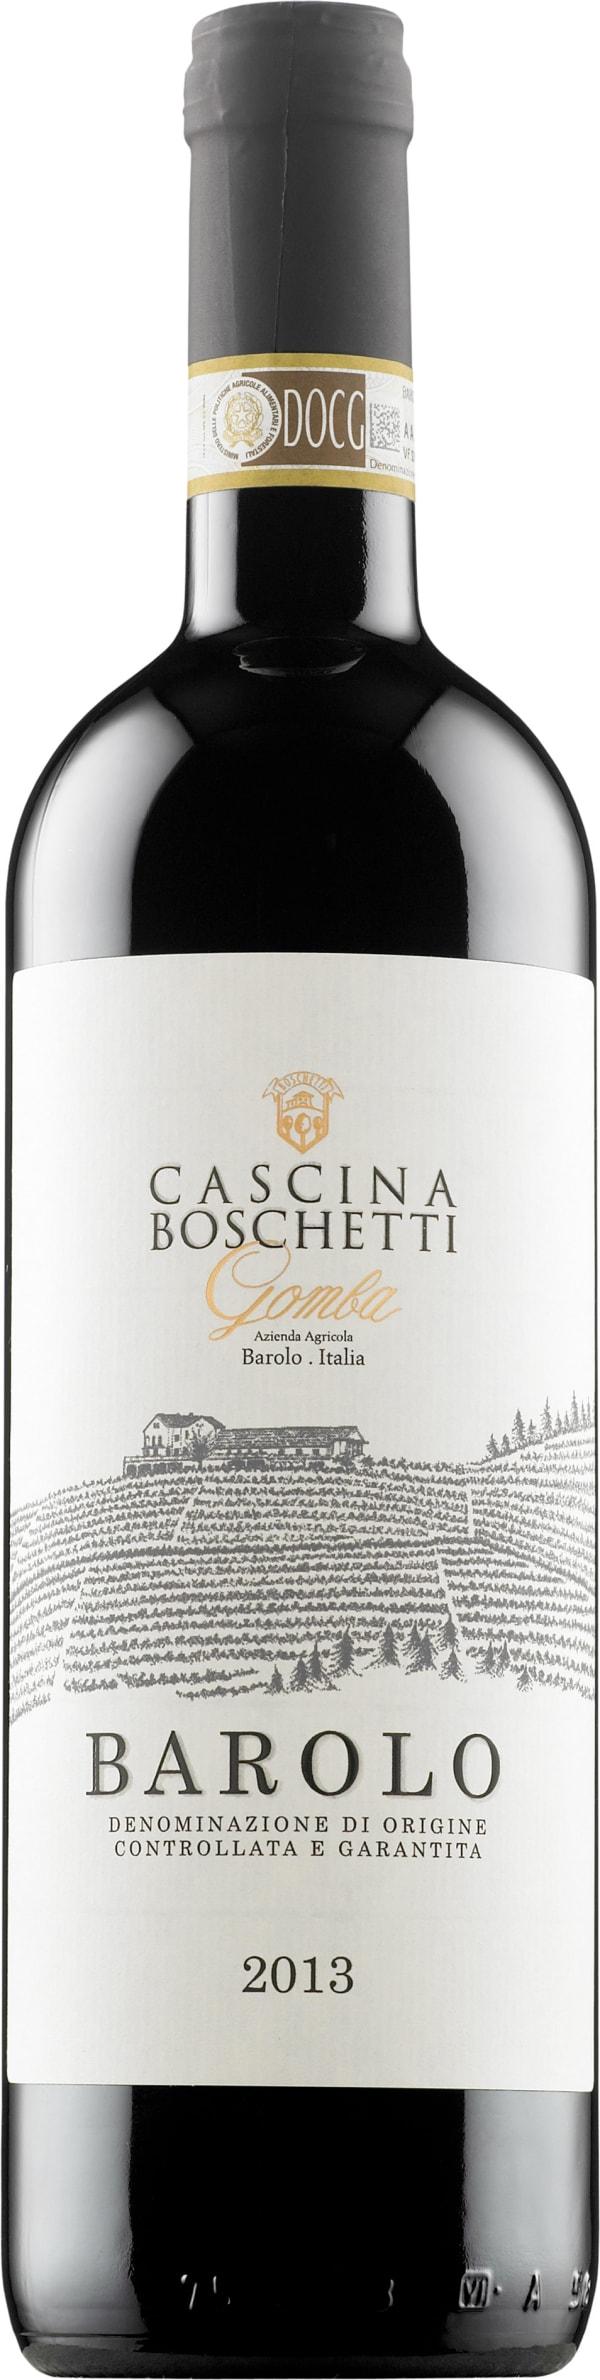 Cascina Boschetti Gomba Barolo 2016